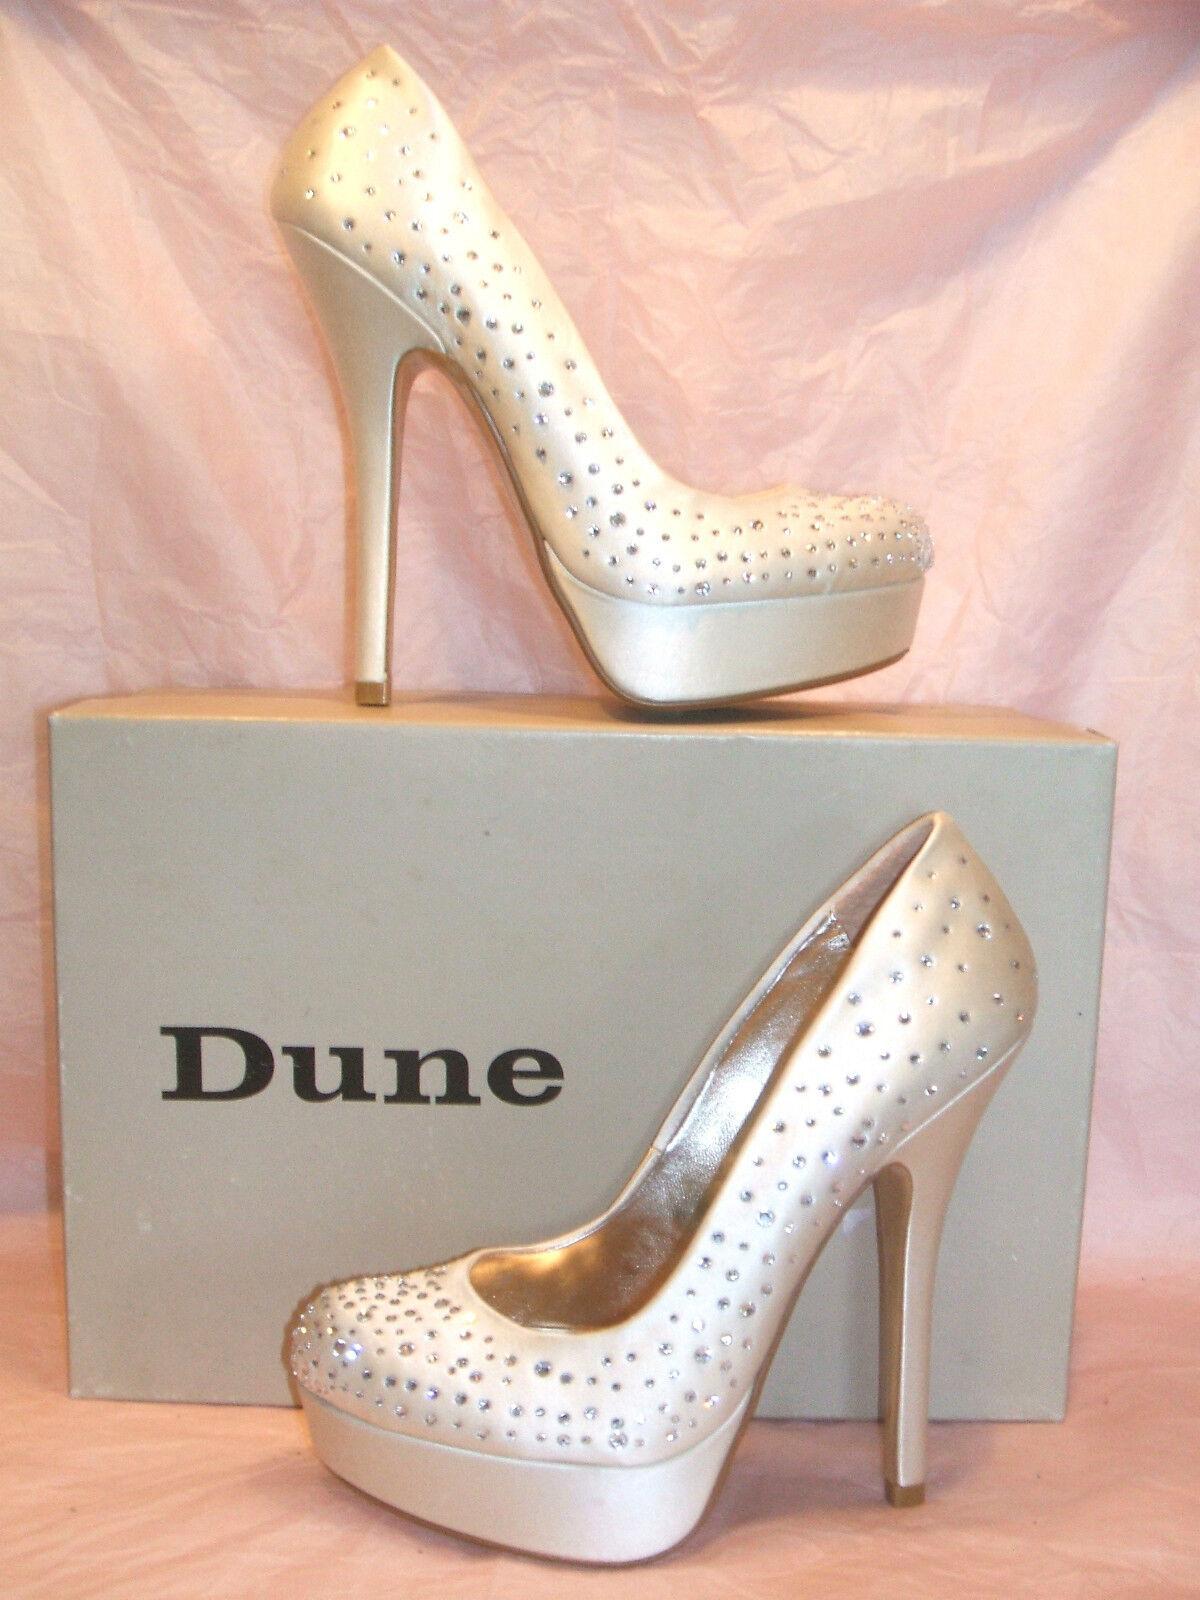 Rrp  BNWB dune taille 7 8 ivoire crème strass satin brillamment d chaussures mariée